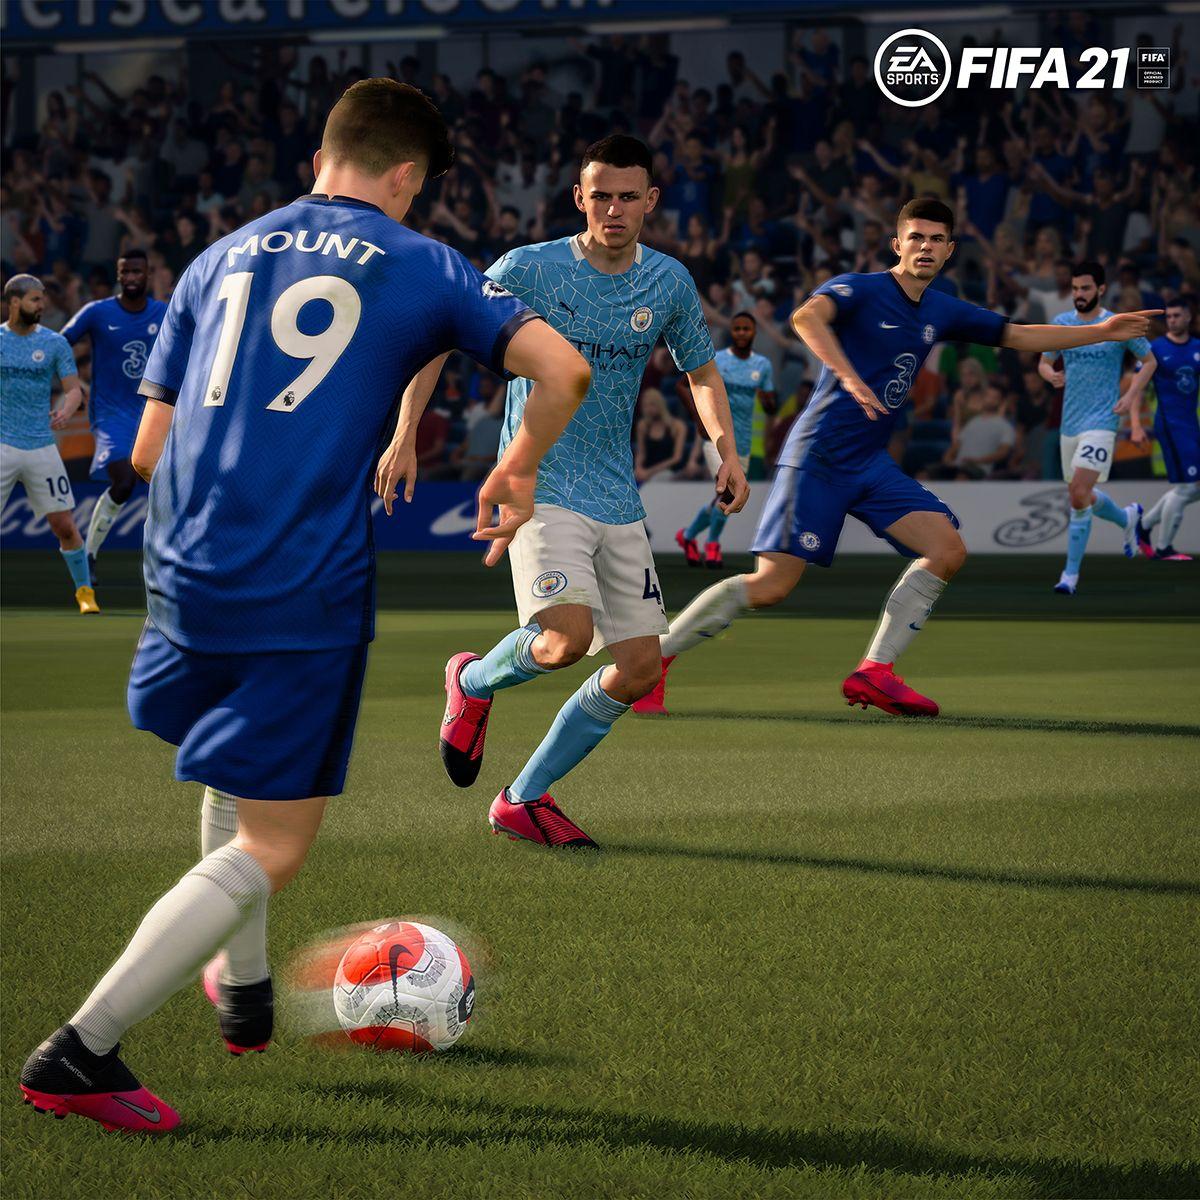 FIFA 12 ön siparişe açıldı, %23 indirim fırsatıyla oyun severleri bekliyor